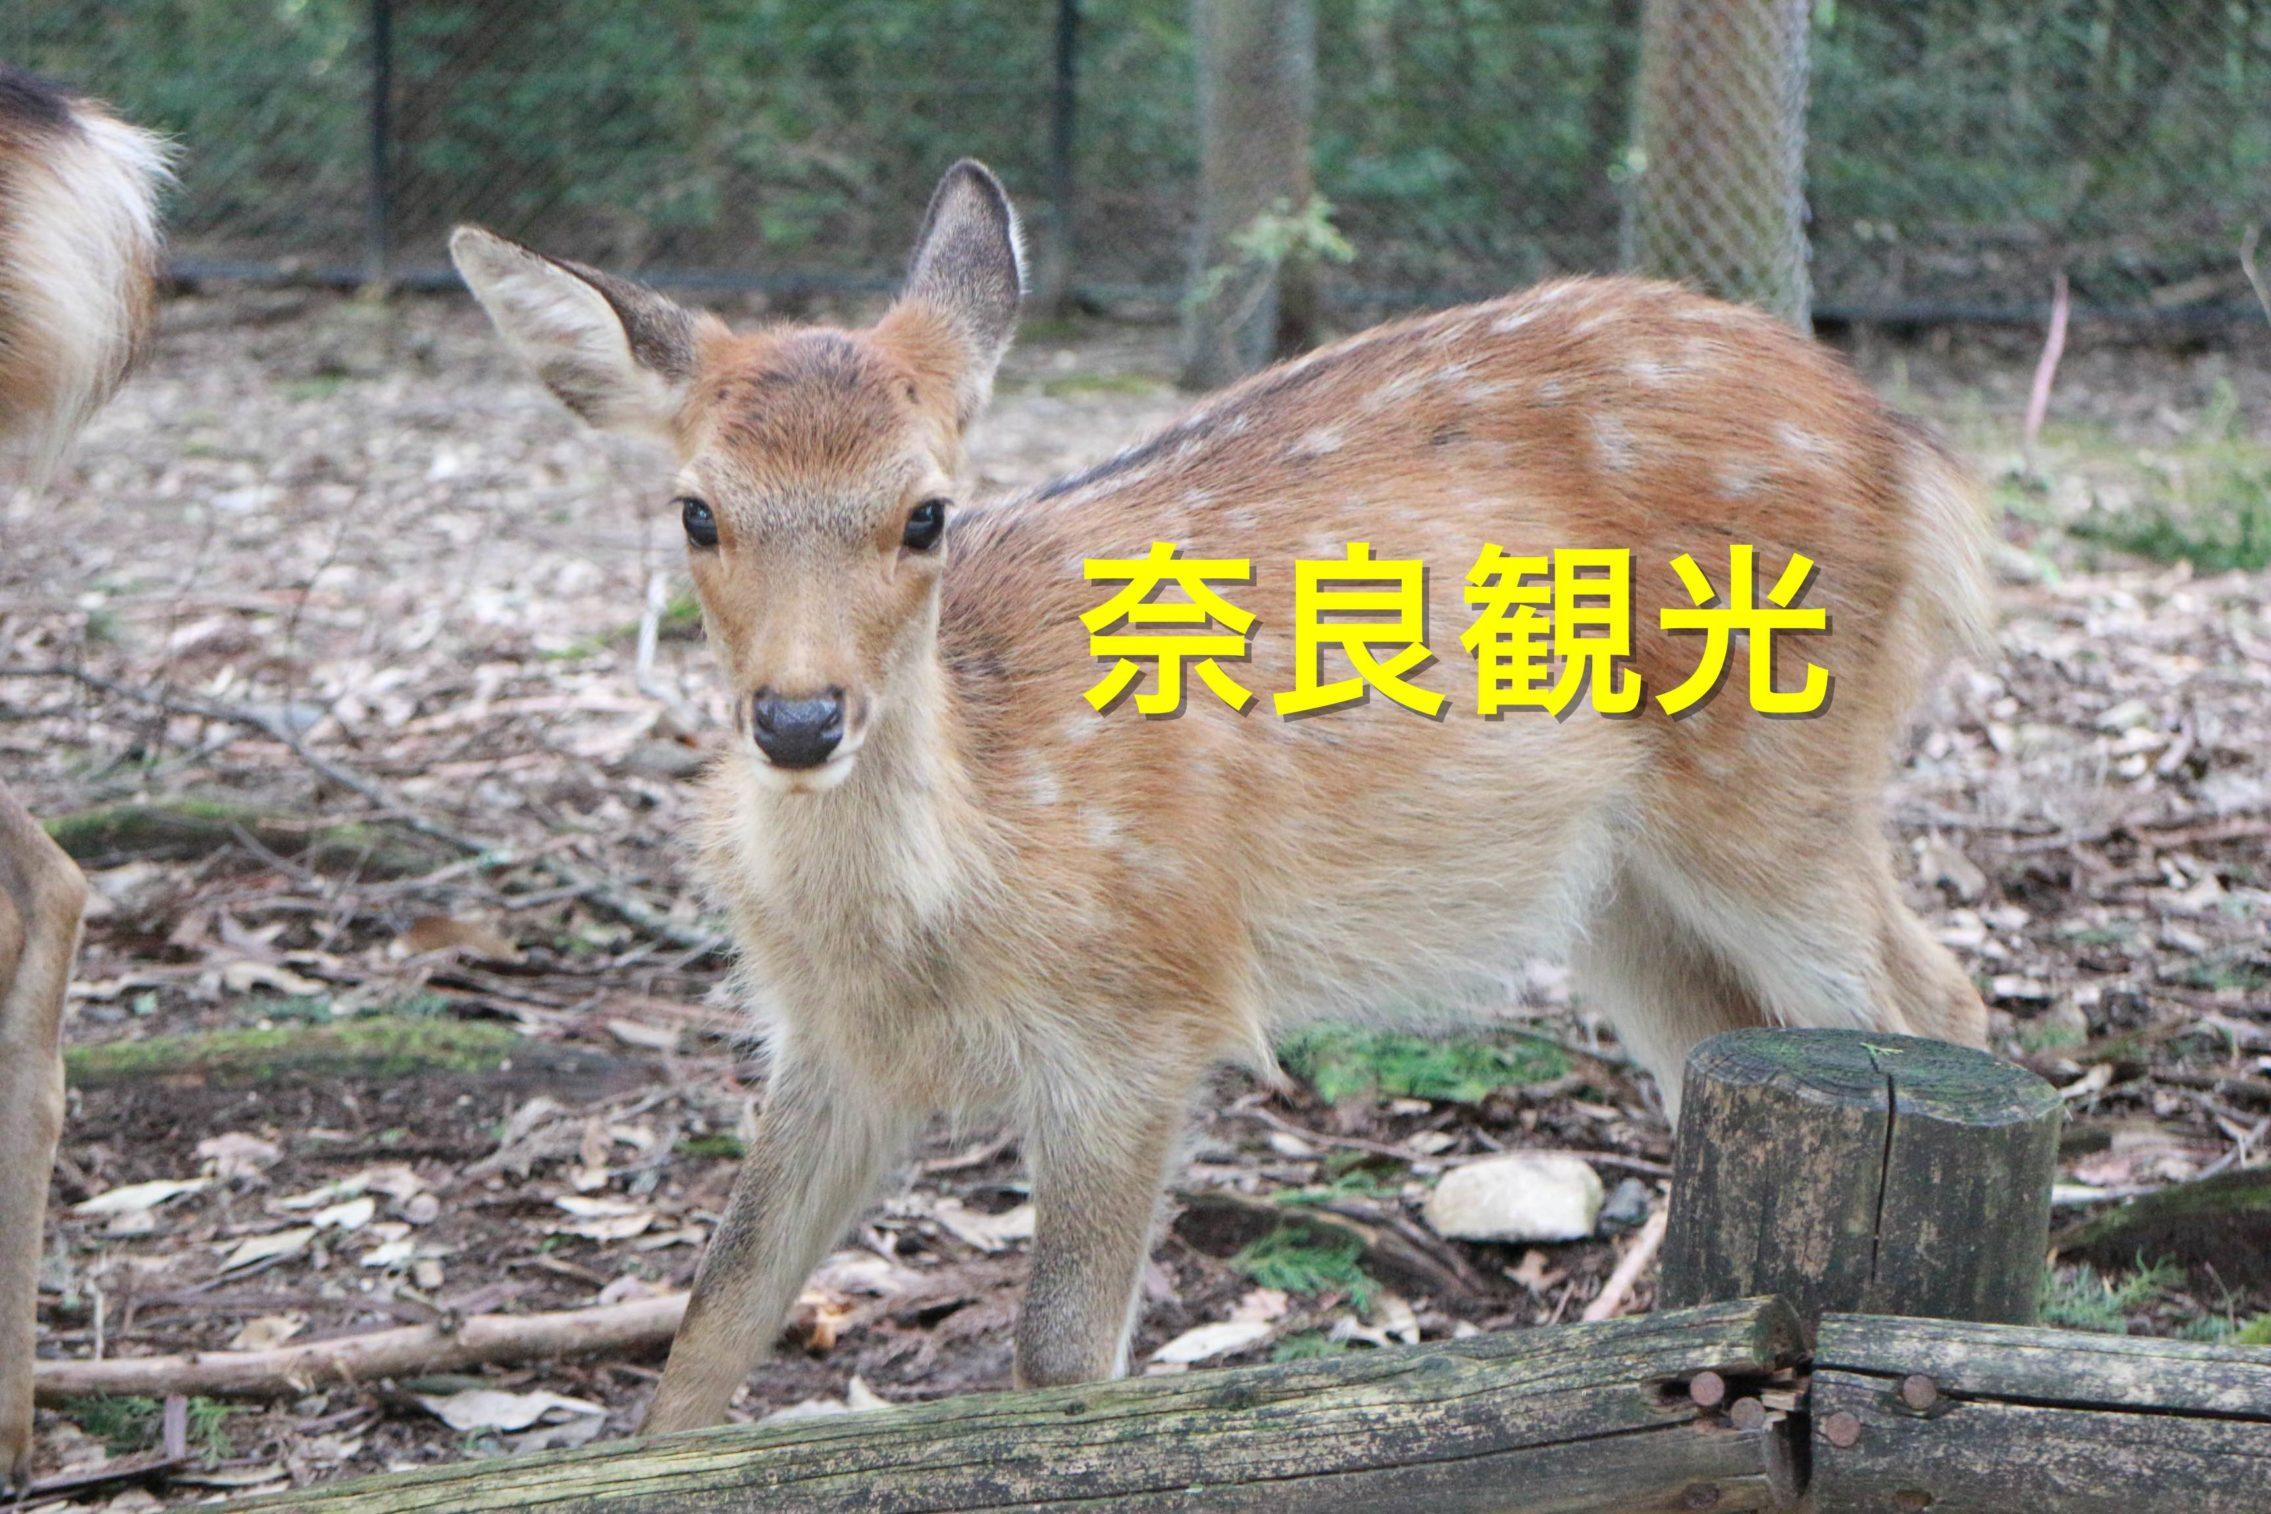 [奈良の世界遺産はこれ一枚!]新大阪から奈良まで往復するのにお得なチケット。